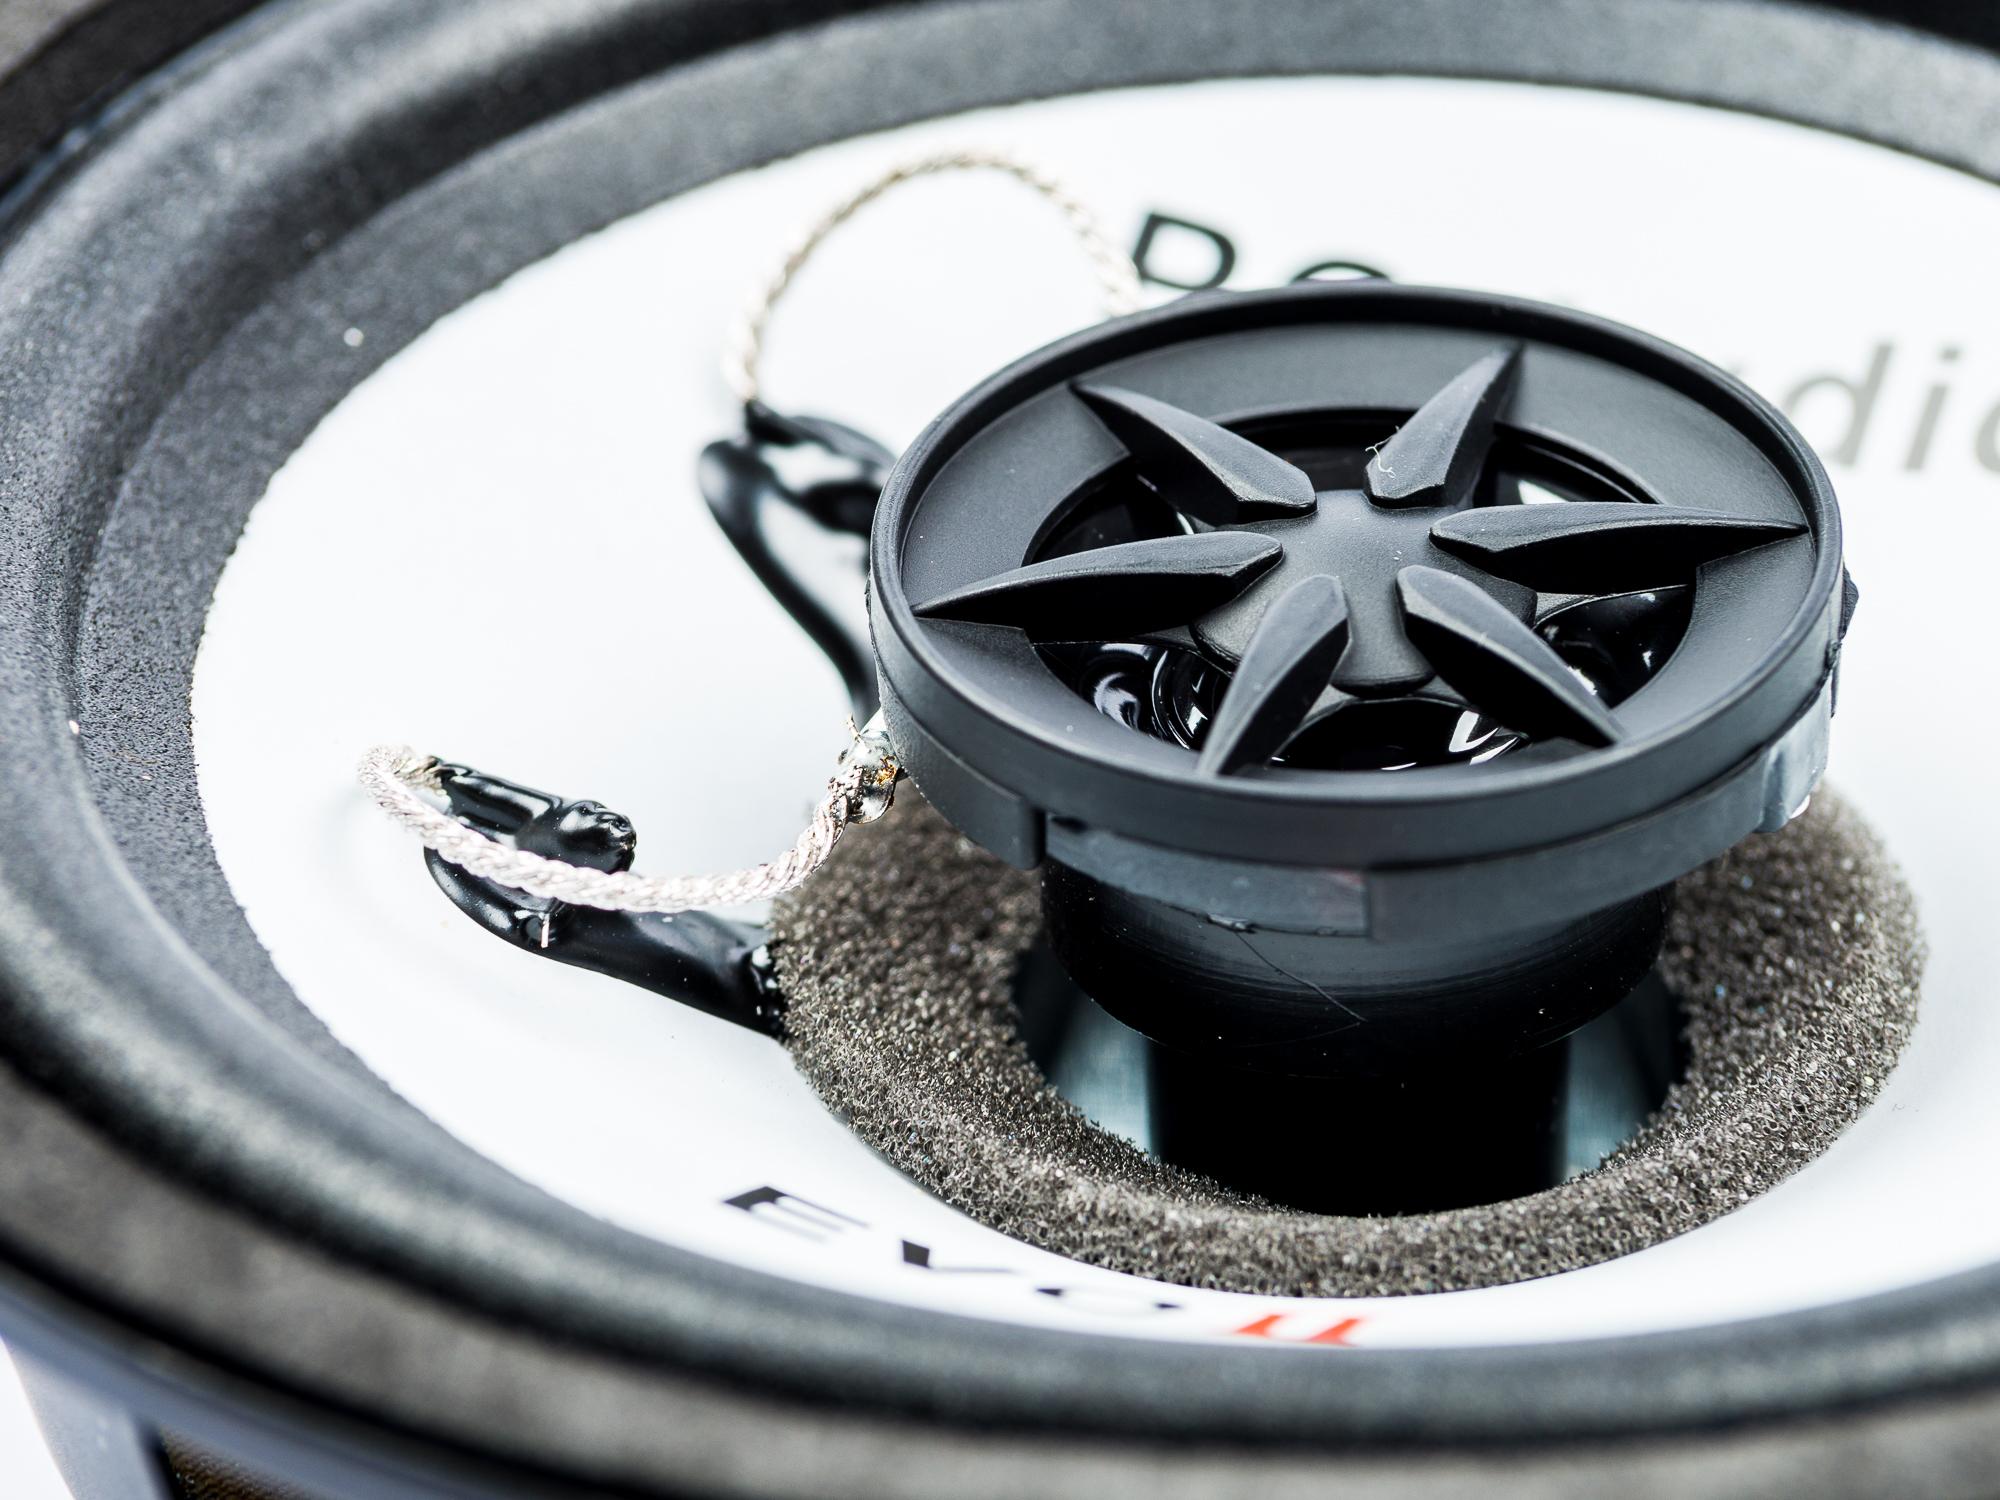 VW Jetta V Jetta VI Multivan Caravelle Lautsprecher Einbauset Tür vorne PG Audio – Bild 4